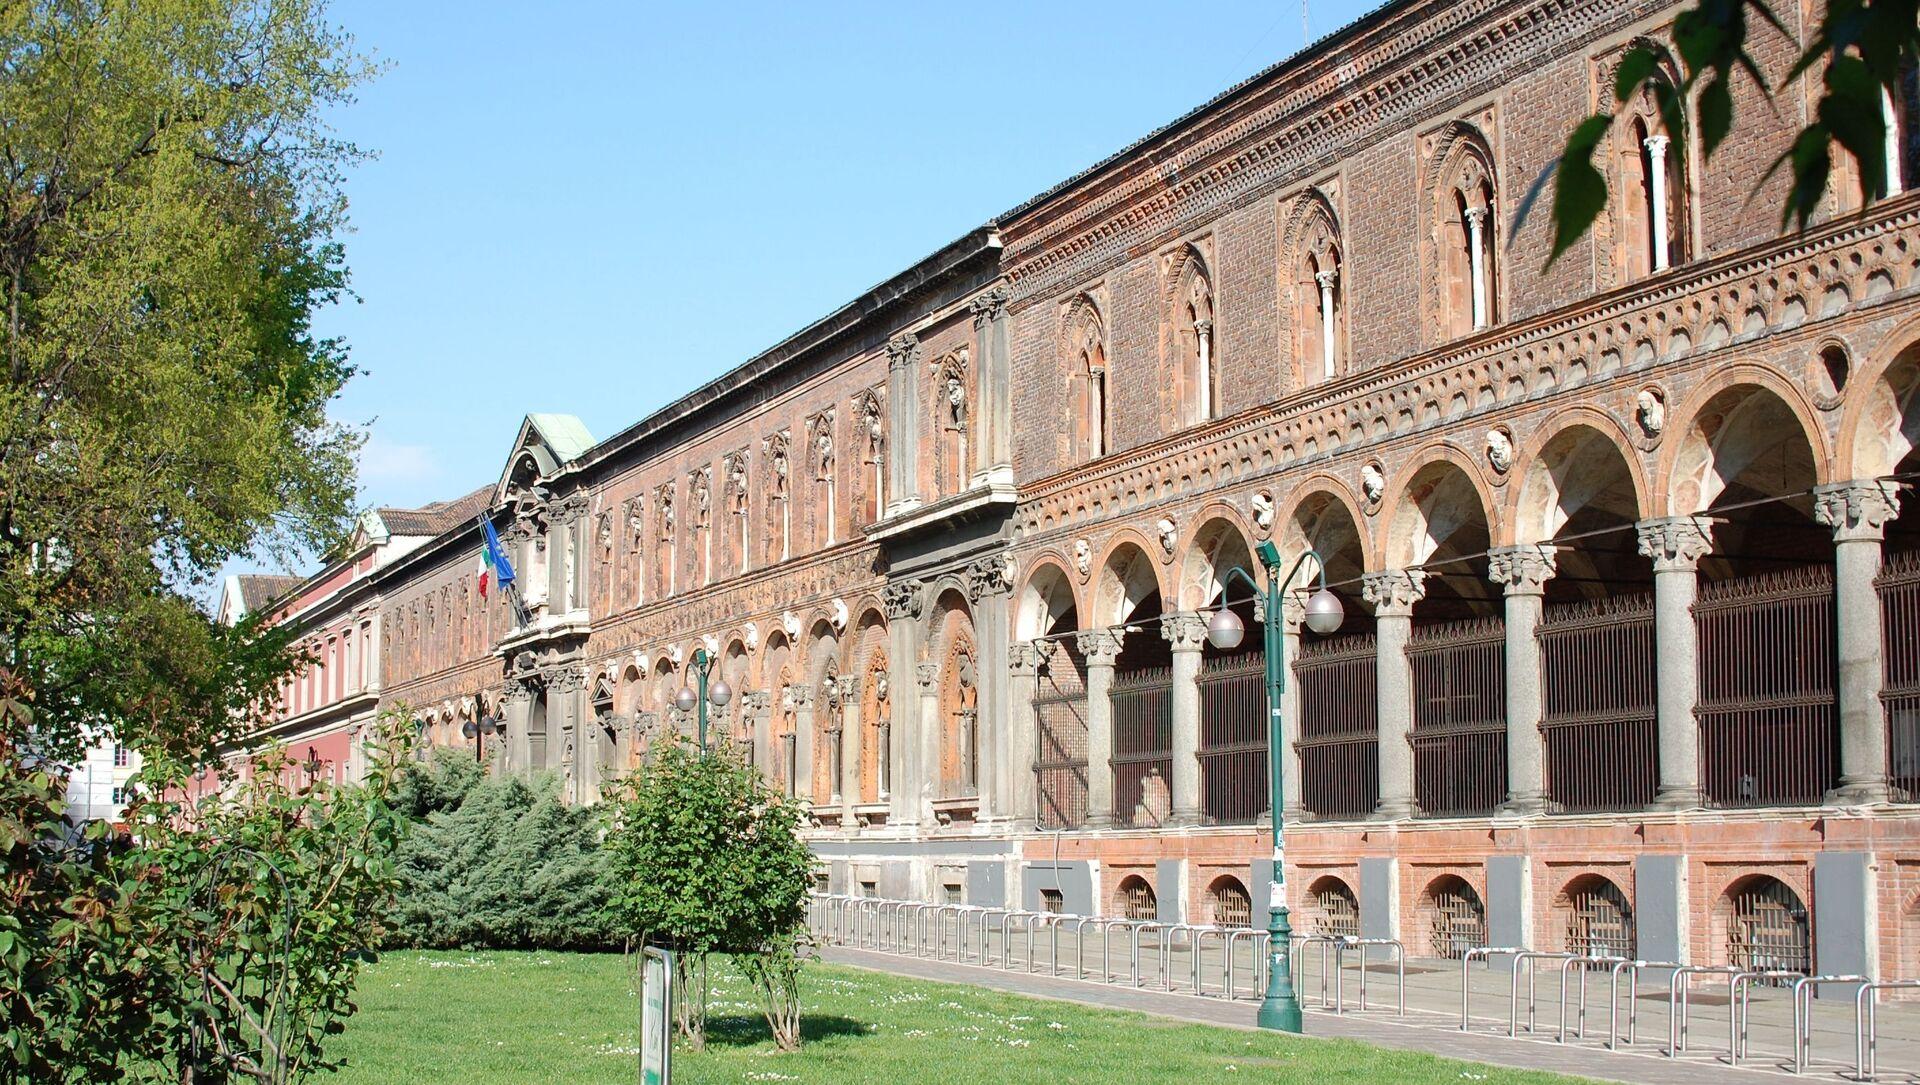 Facciata della sede dell'Università Statale di Milano in via Festa del Perdono, vista dal giardino di largo Richini - Sputnik Italia, 1920, 01.02.2021